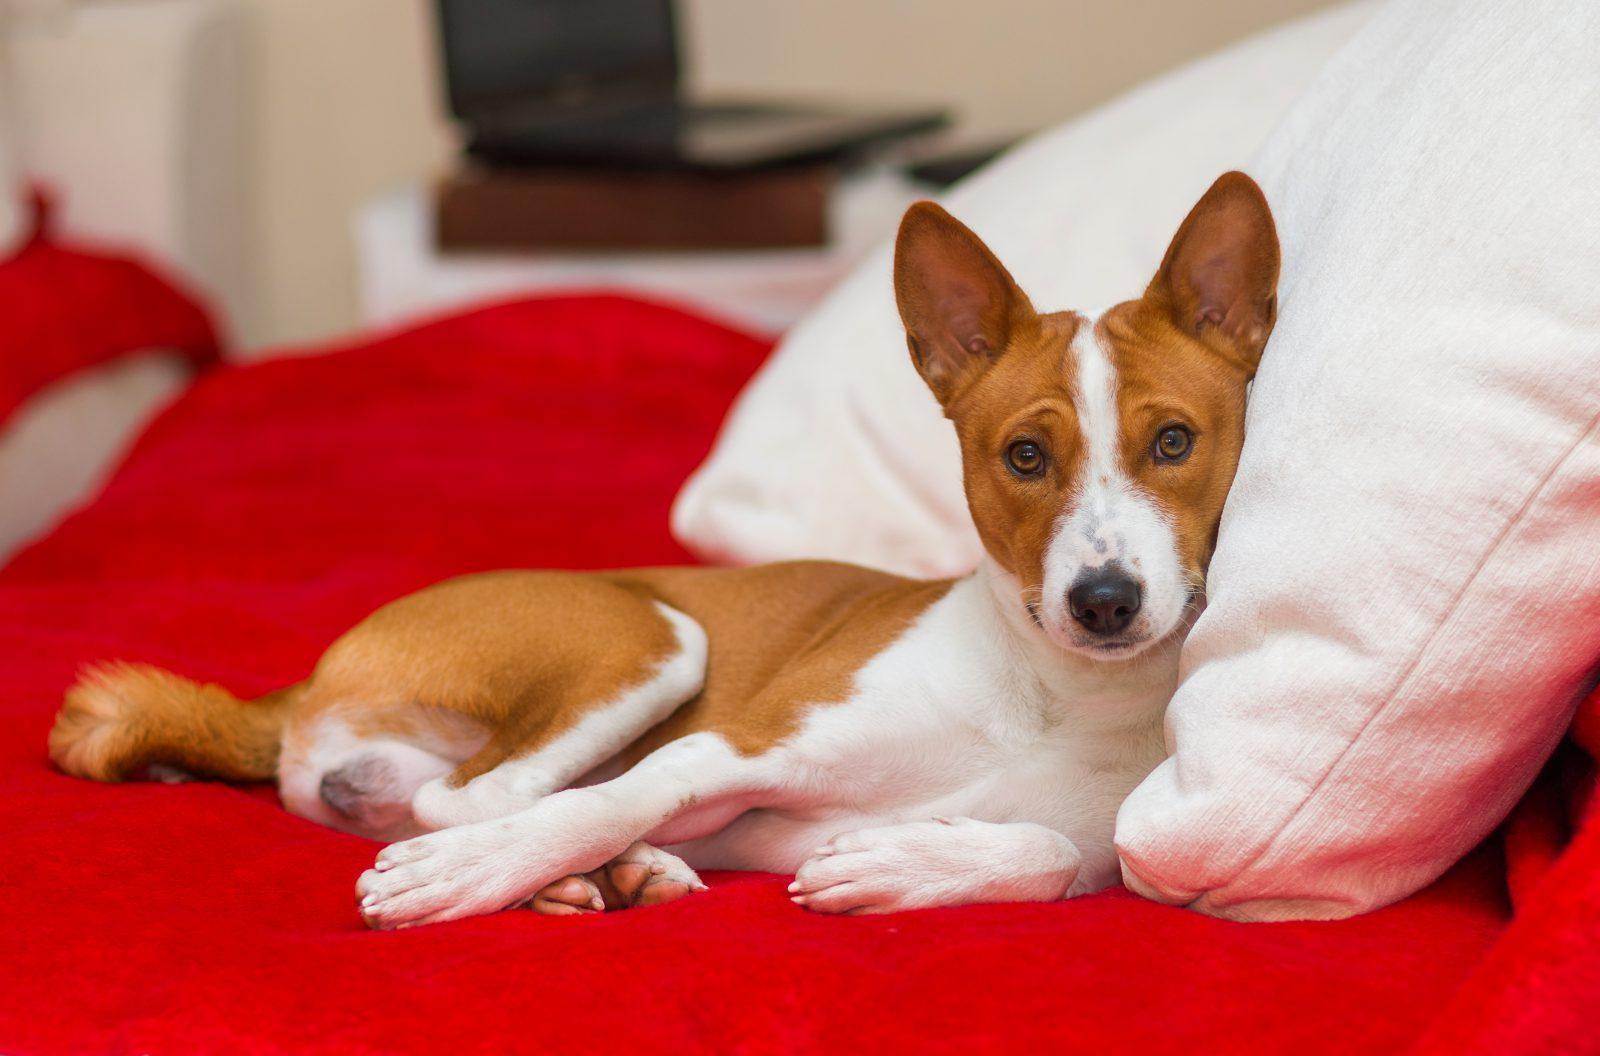 Caminha de cachorro: Basenji deitado confortavelmente na cama do seu dono.